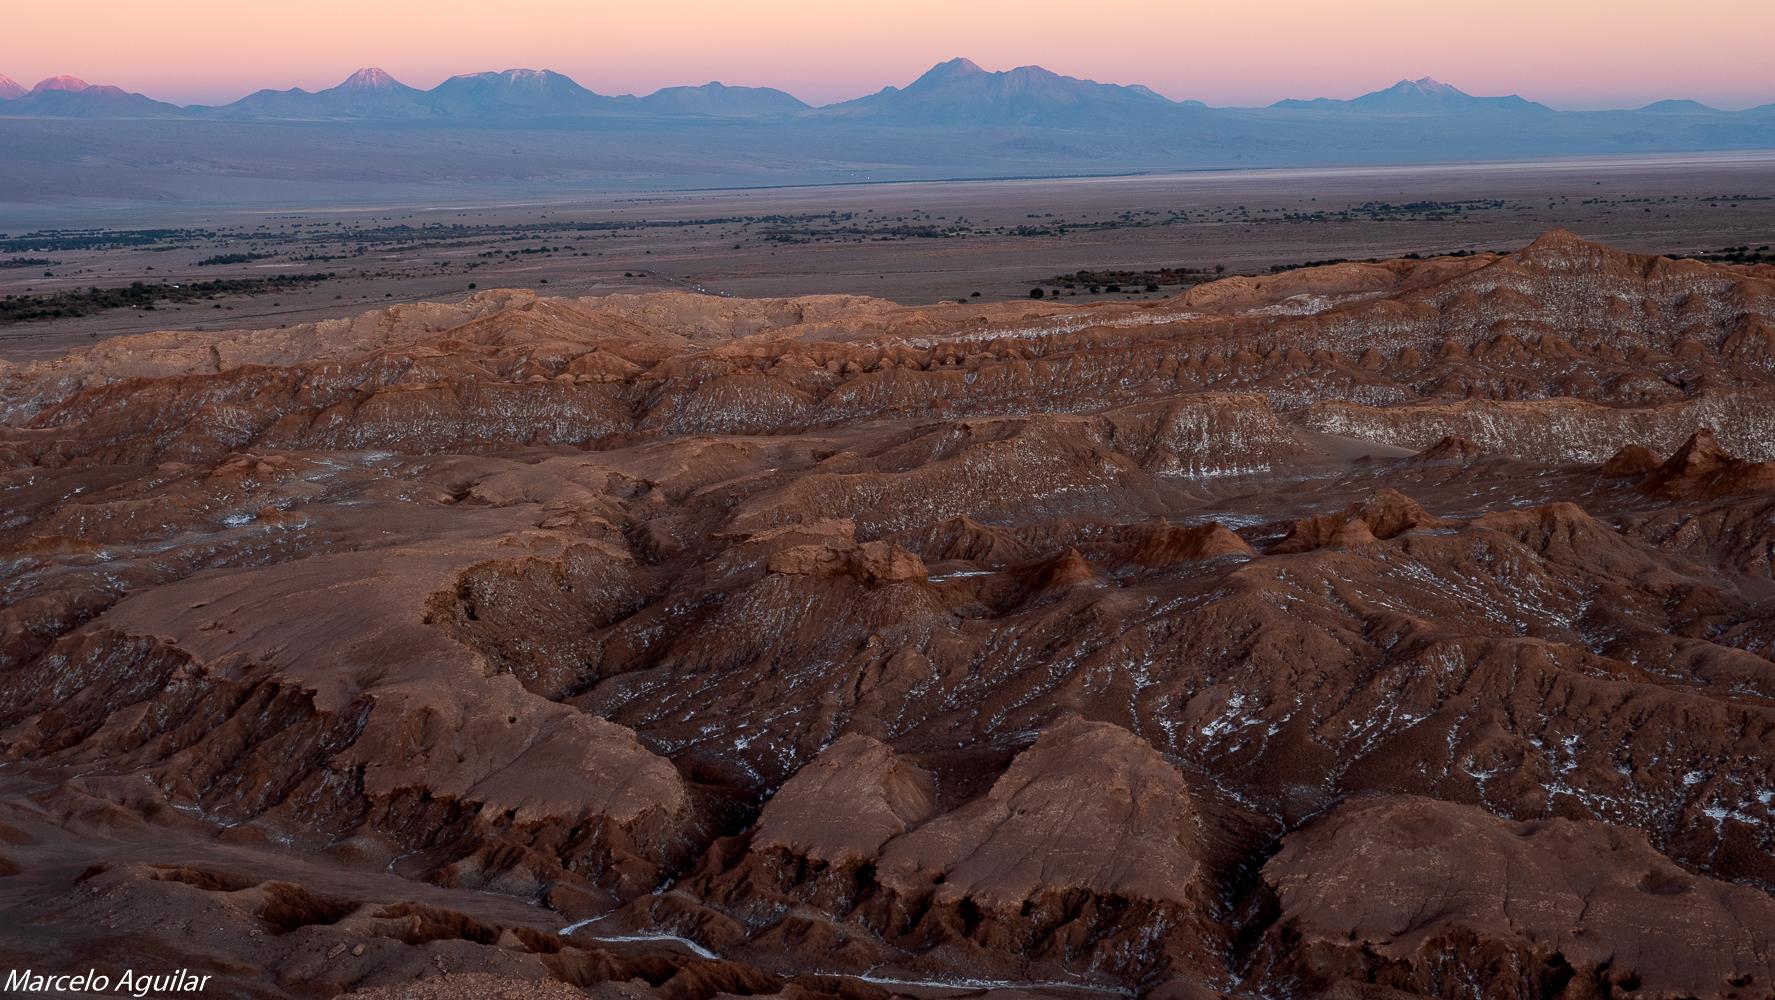 piedra del coyote, Chile